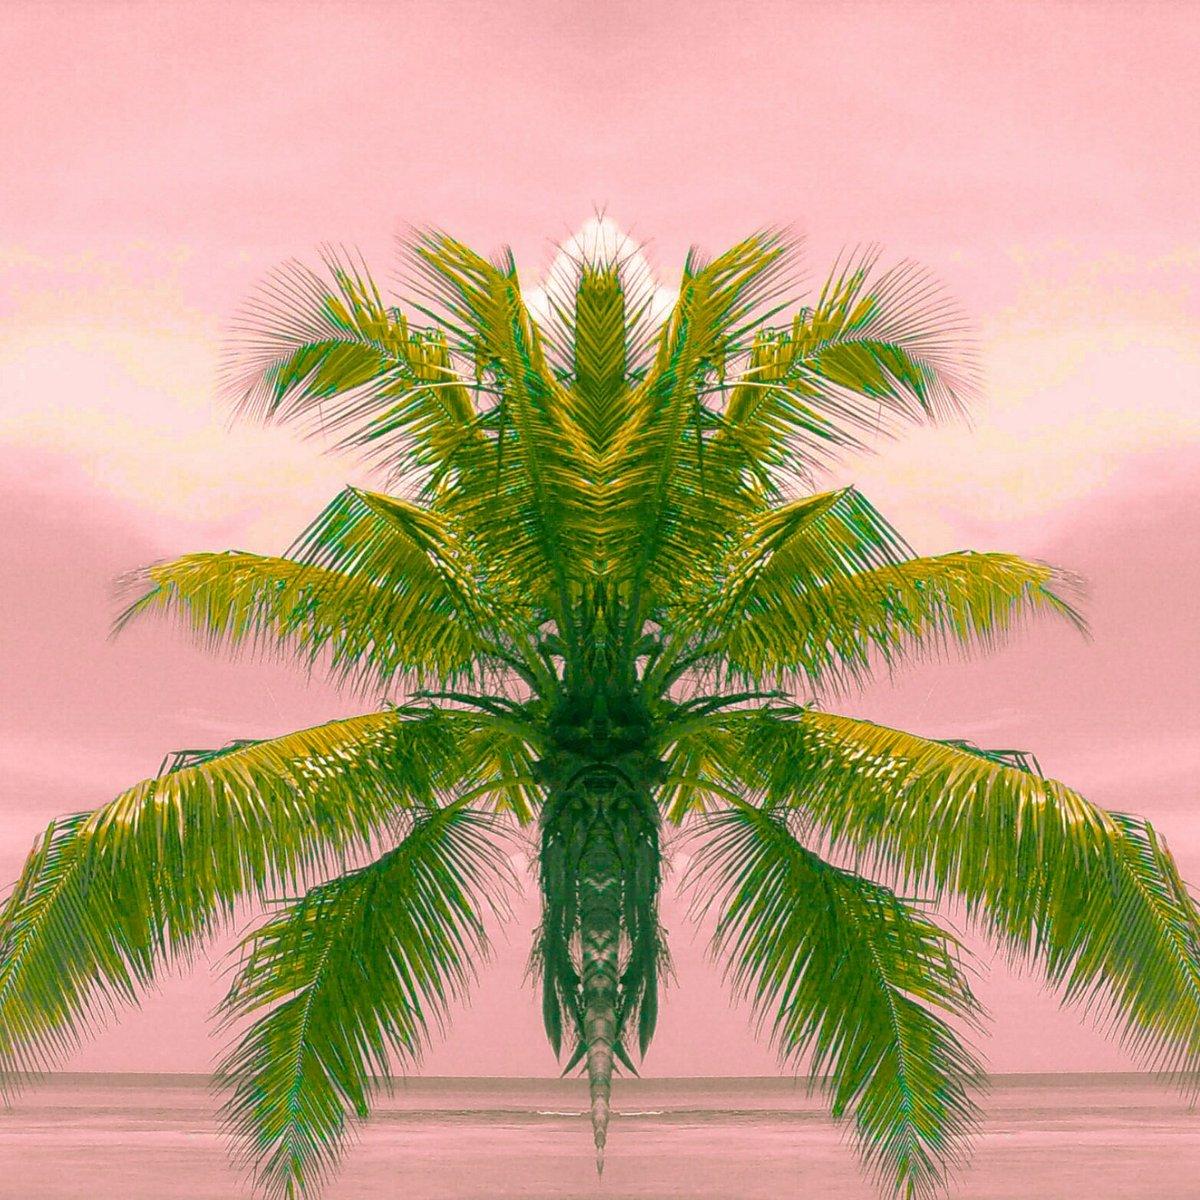 #bonweekend je rêve d&#39;être sous un #palmier sans querelle #politique #sociale #religieuse sous le #soleil #sun #avecunverrederose #zen<br>http://pic.twitter.com/LUuncgDGdp